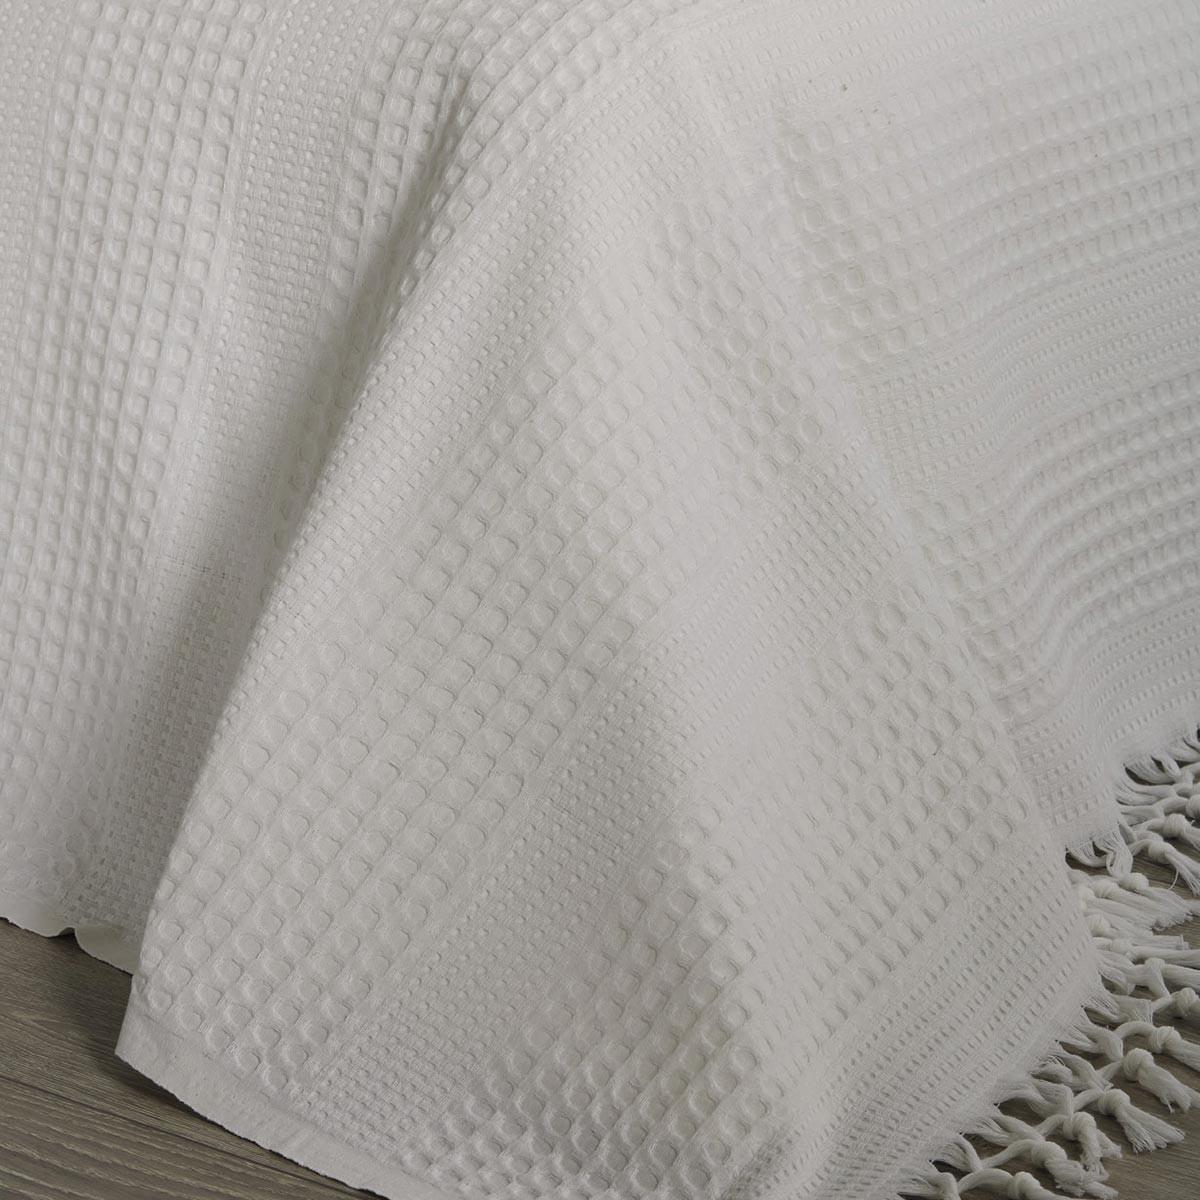 Κουβέρτα Πικέ Υπέρδιπλη White Egg ΚΠ11Η